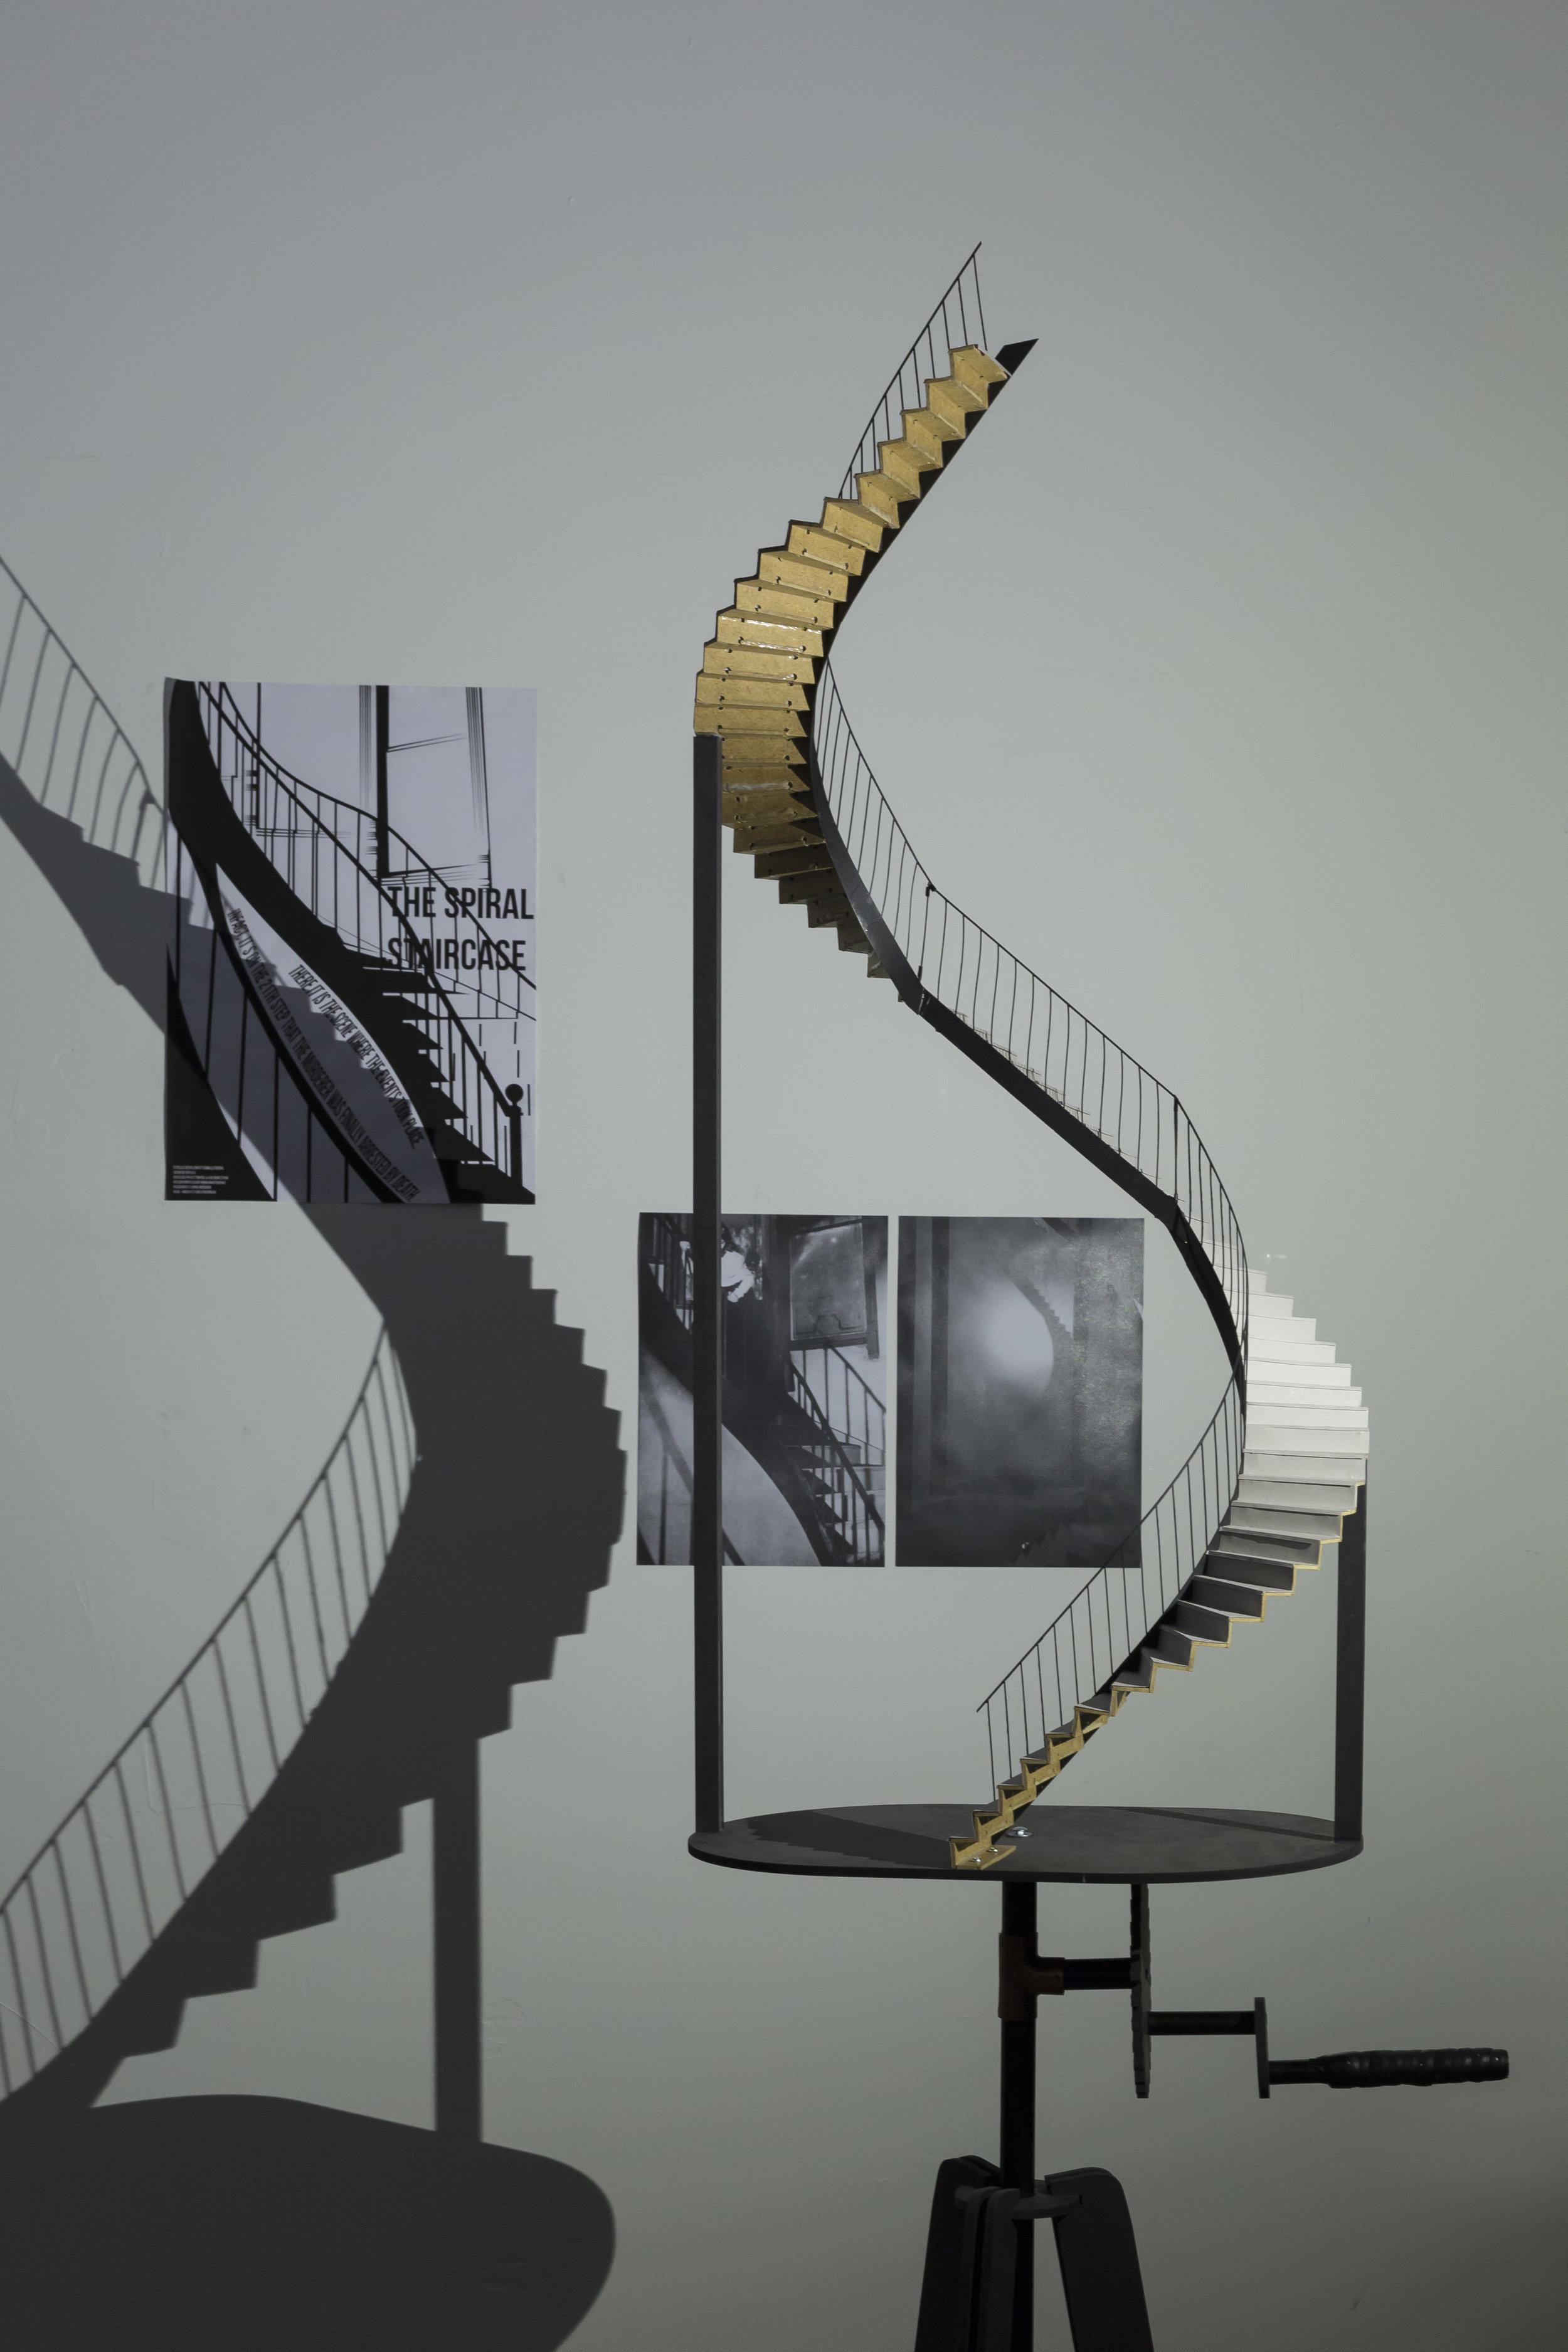 Projet  Scene de menage outils de la vie domestique.Machines a voir; Atelier de Youri Kravchenko; Projet d' Estelle Beroujon et Camille Berra (8).jpg